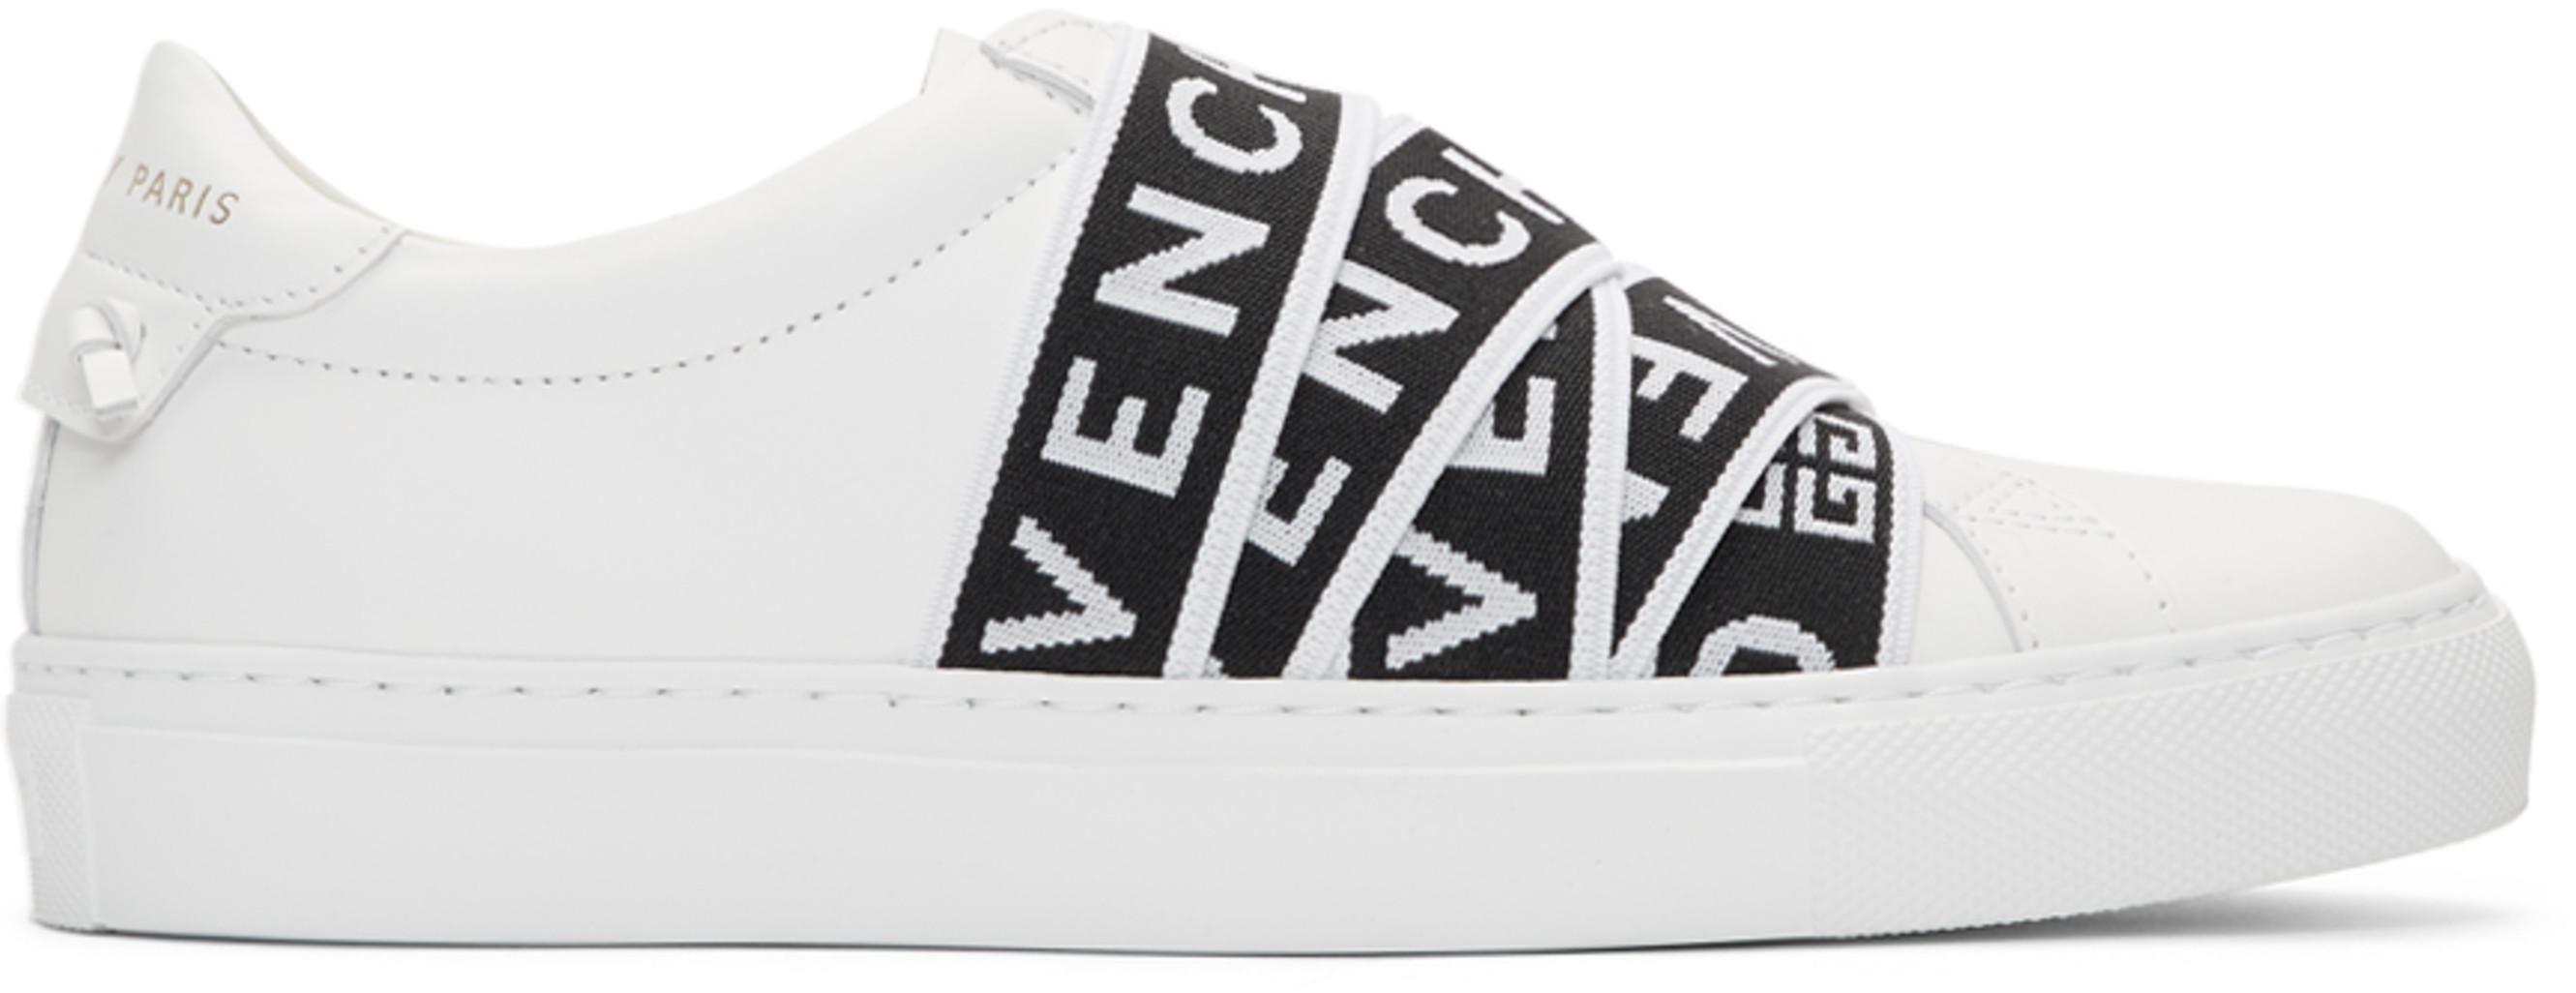 a6b4c3d2942 Designer shoes for Women